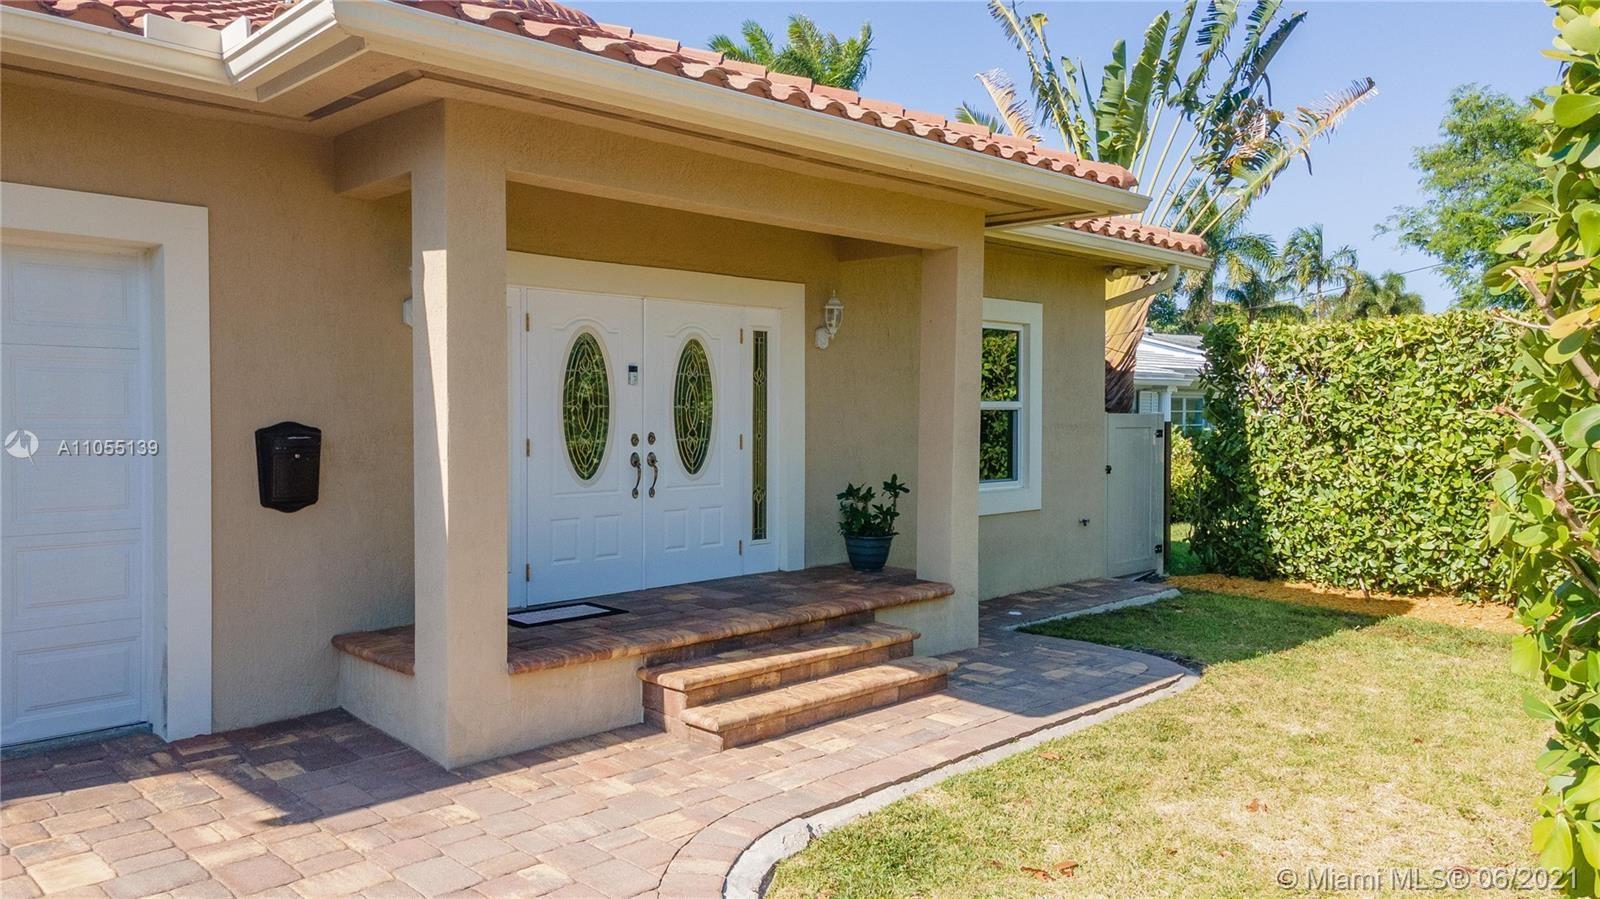 946 N Northlake Dr, Hollywood, FL 33019 - #: A11055139